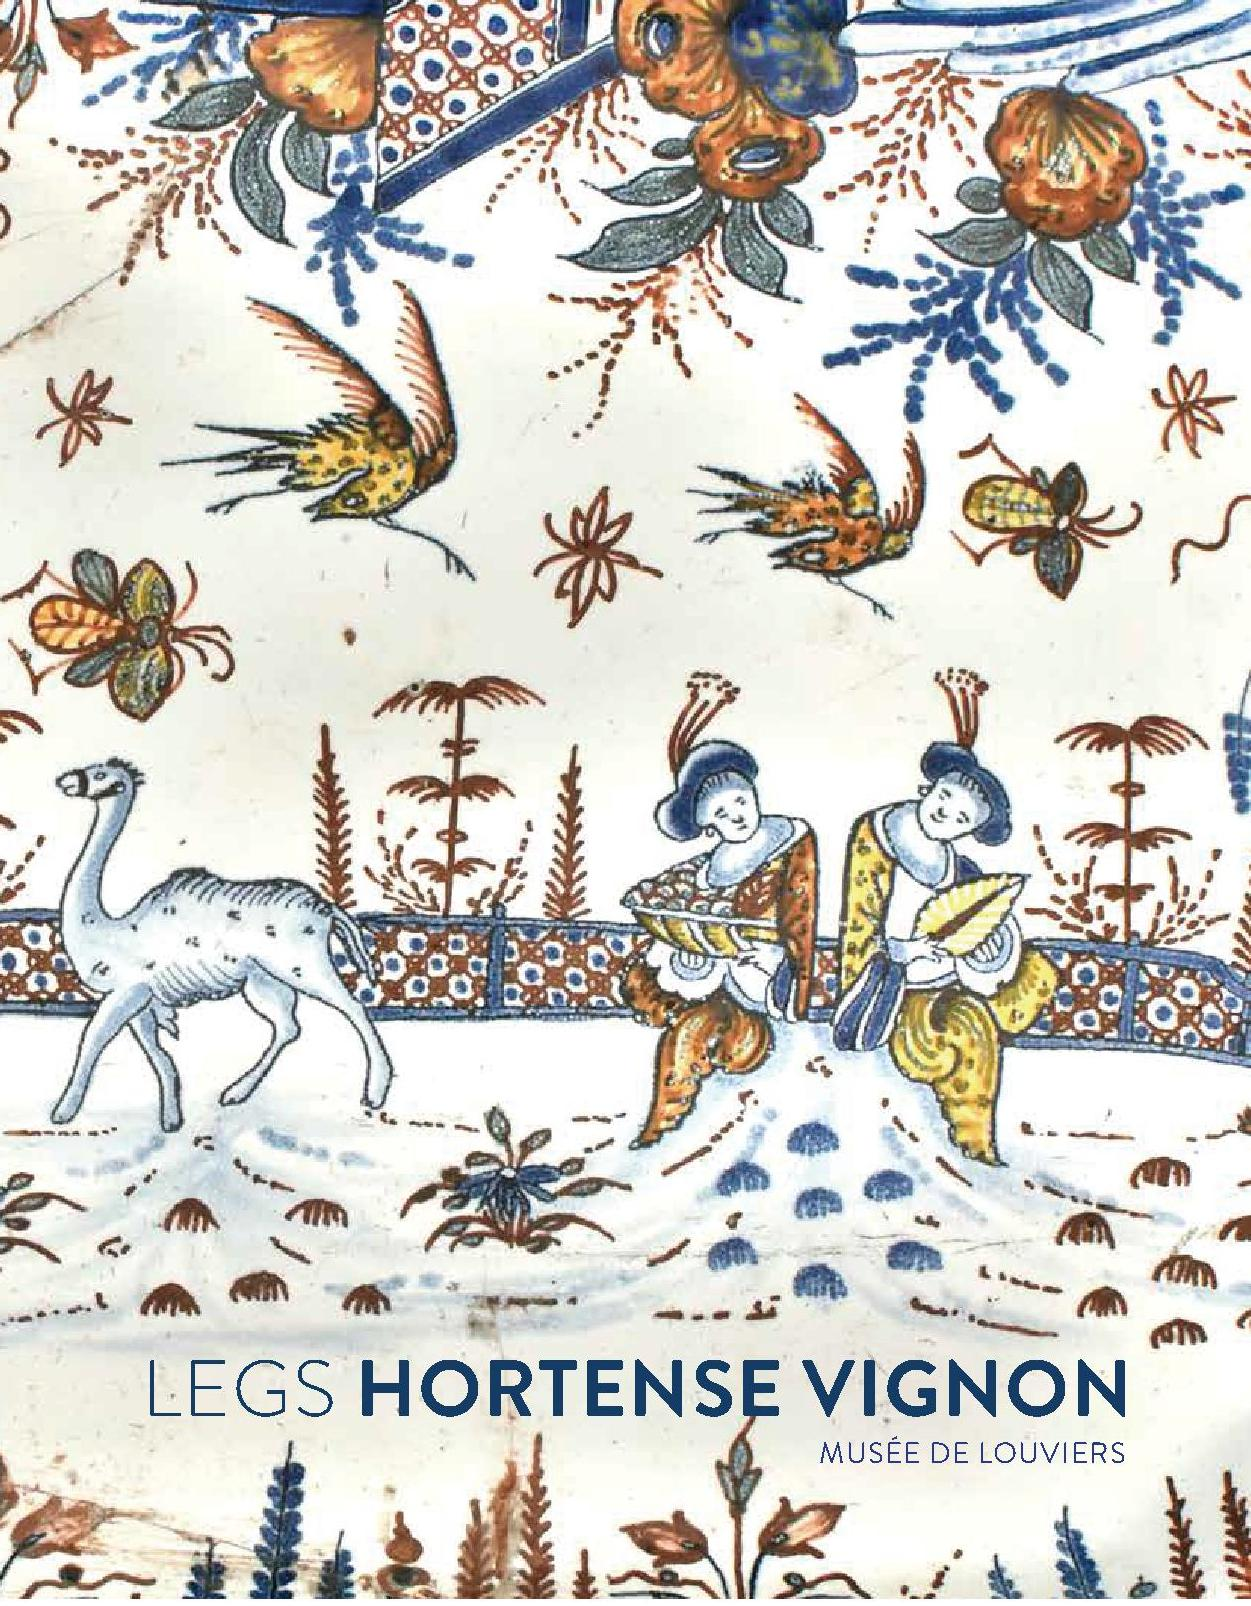 Legs Hortense Vignon